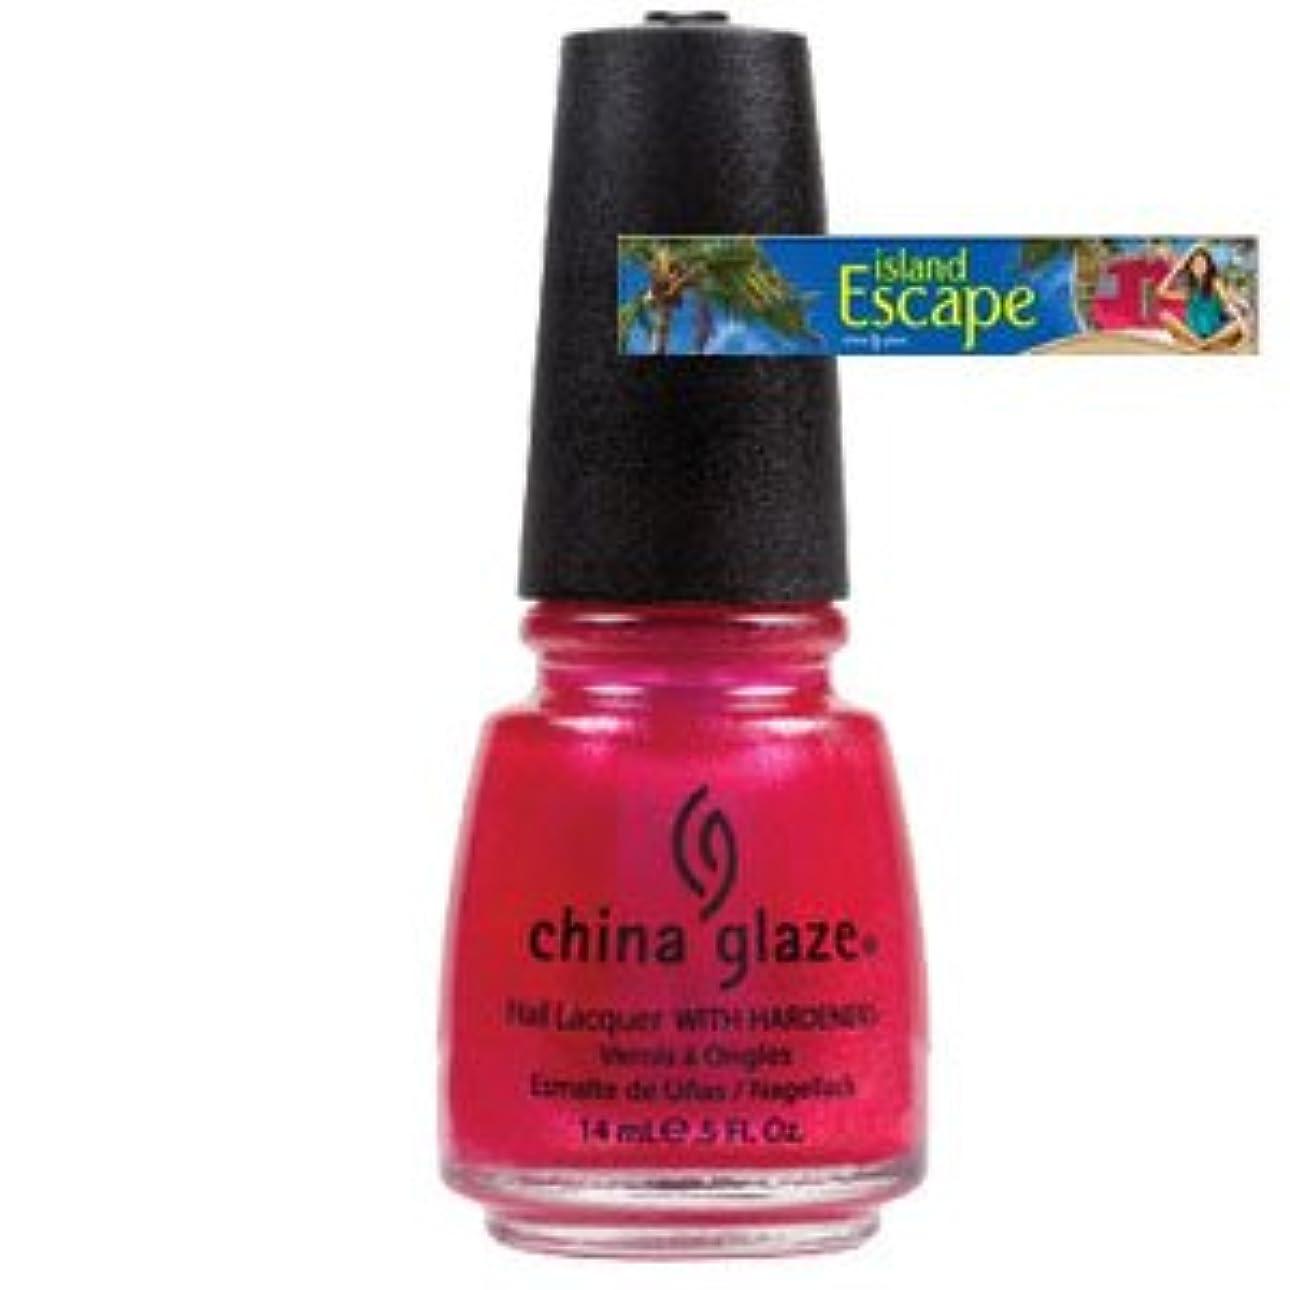 先駆者電気トロリー(チャイナグレイズ)China Glaze アイランドエスケープコレクション?108 Degrees [海外直送品][並行輸入品]